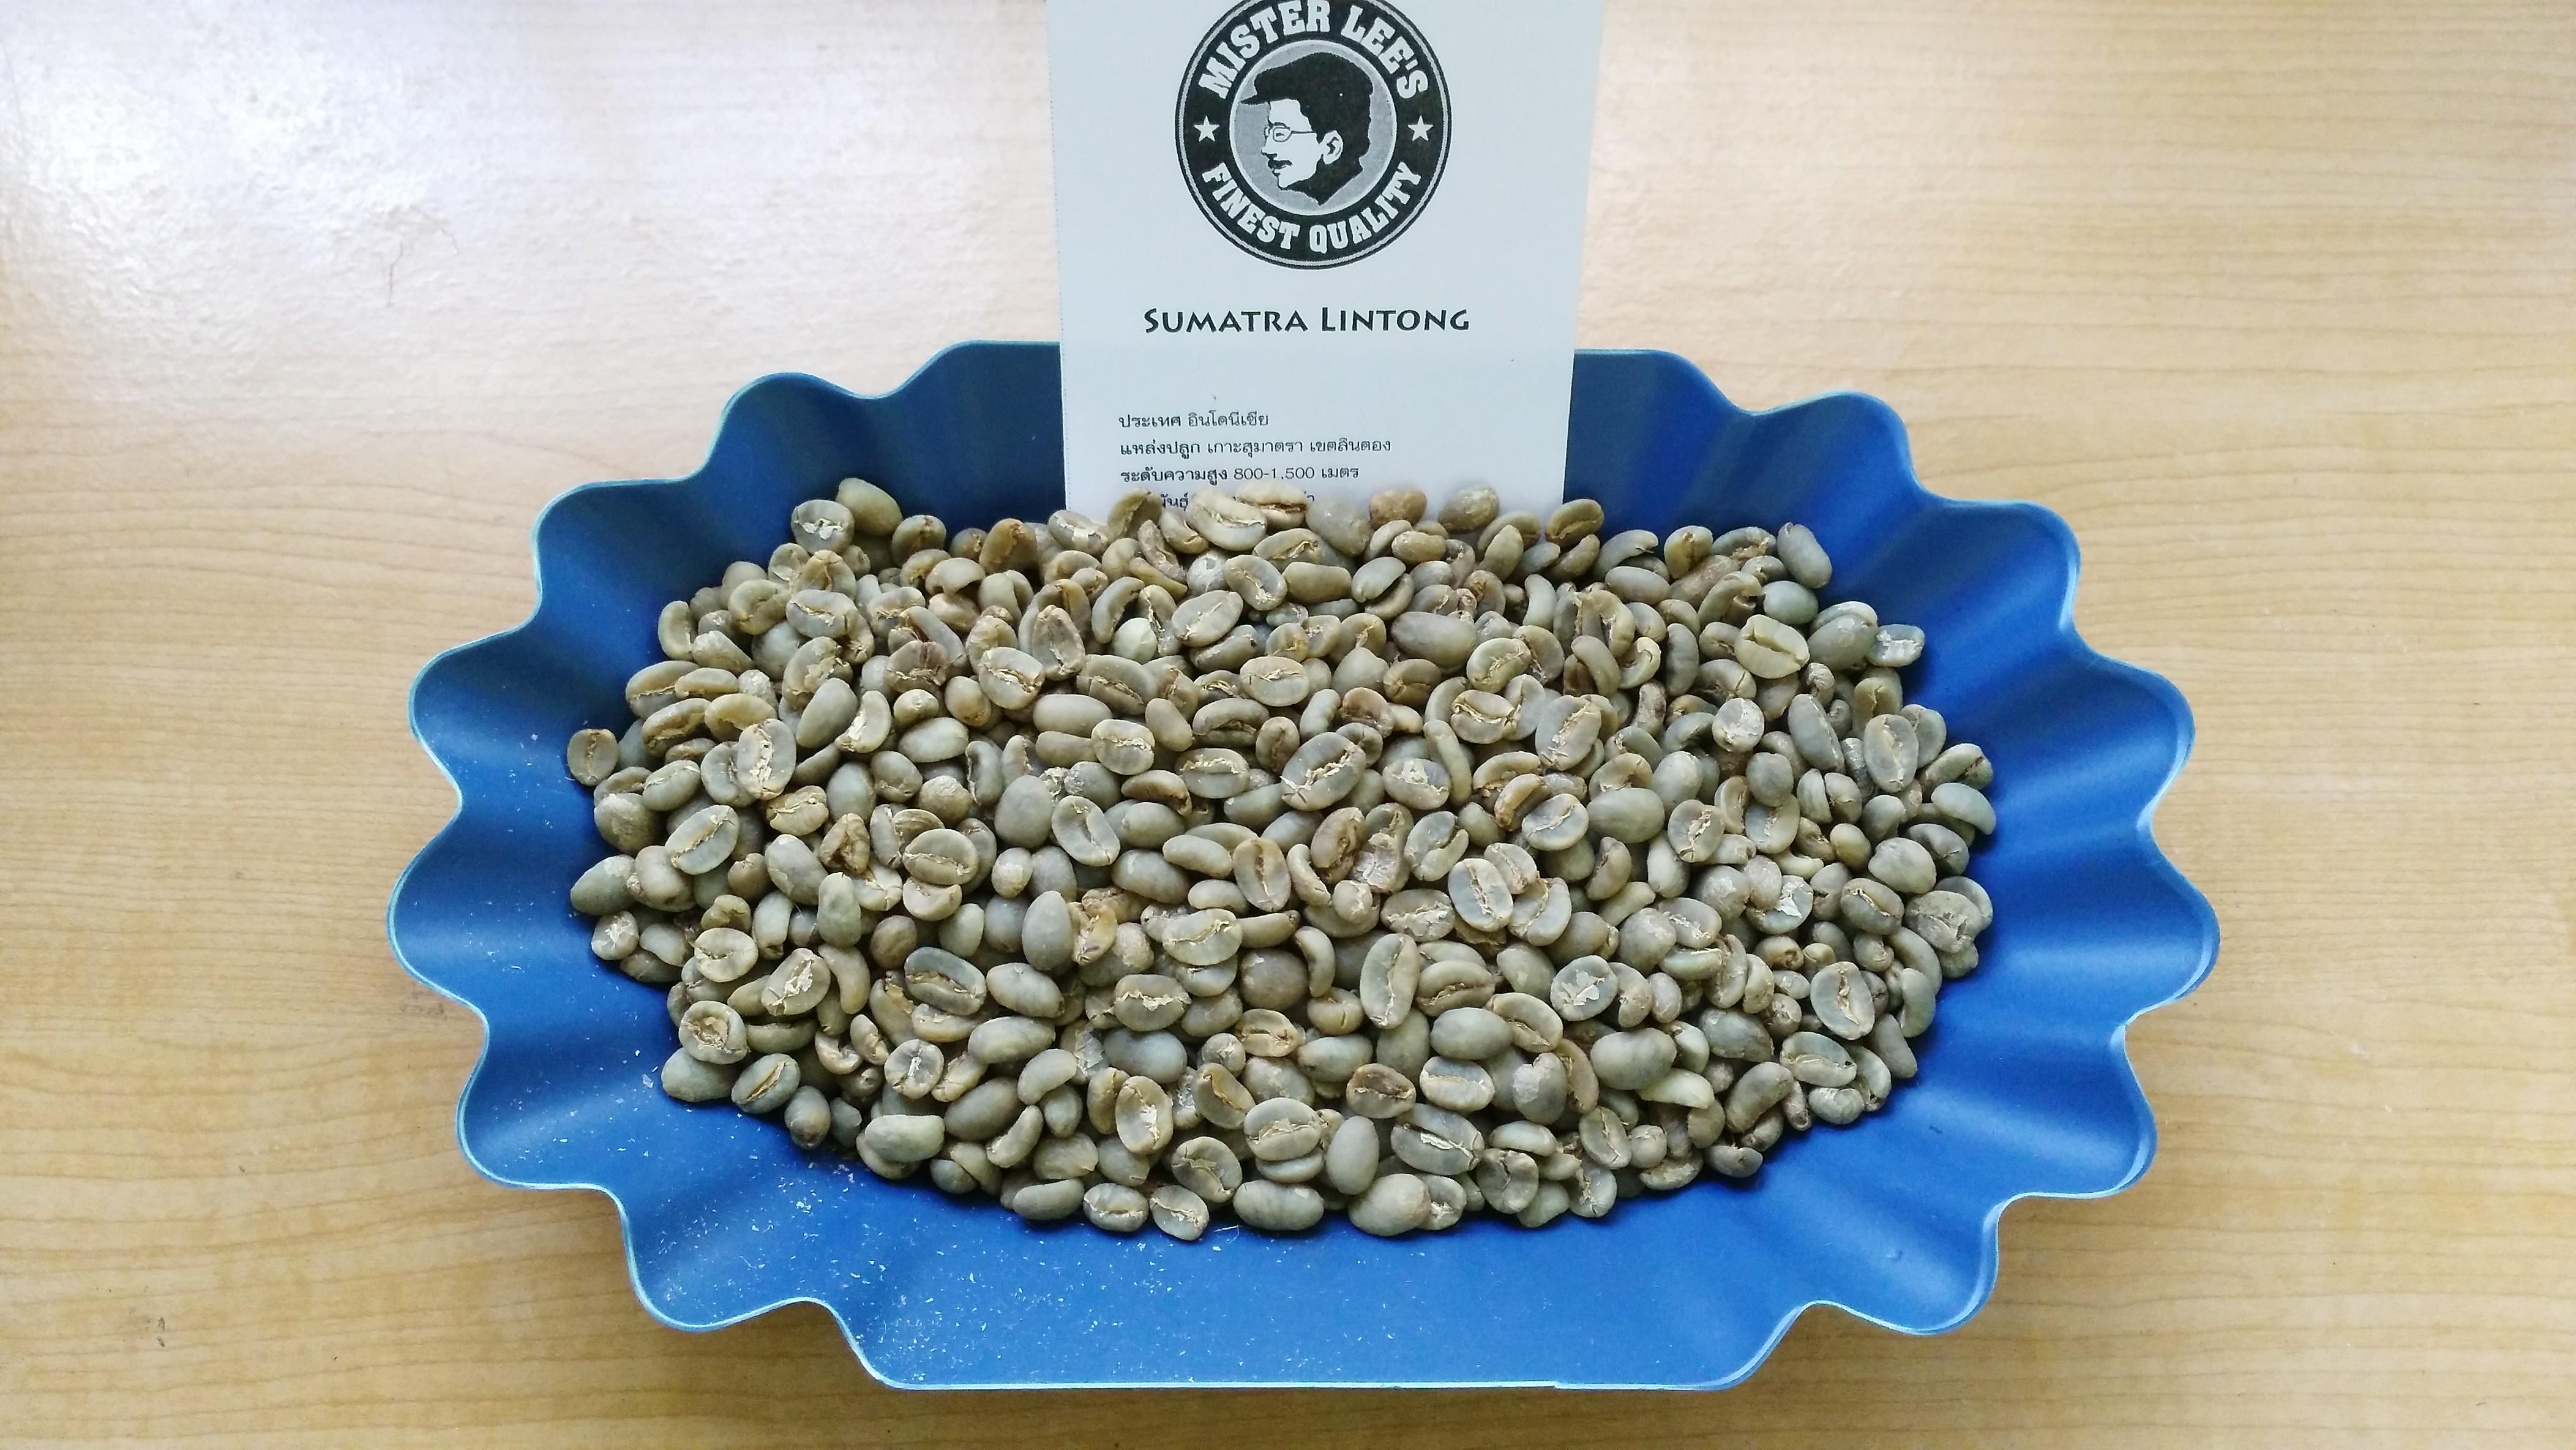 เมล็ดกาแฟสารสุมาตราลินตอง (Sumatra Lintong Coffee)